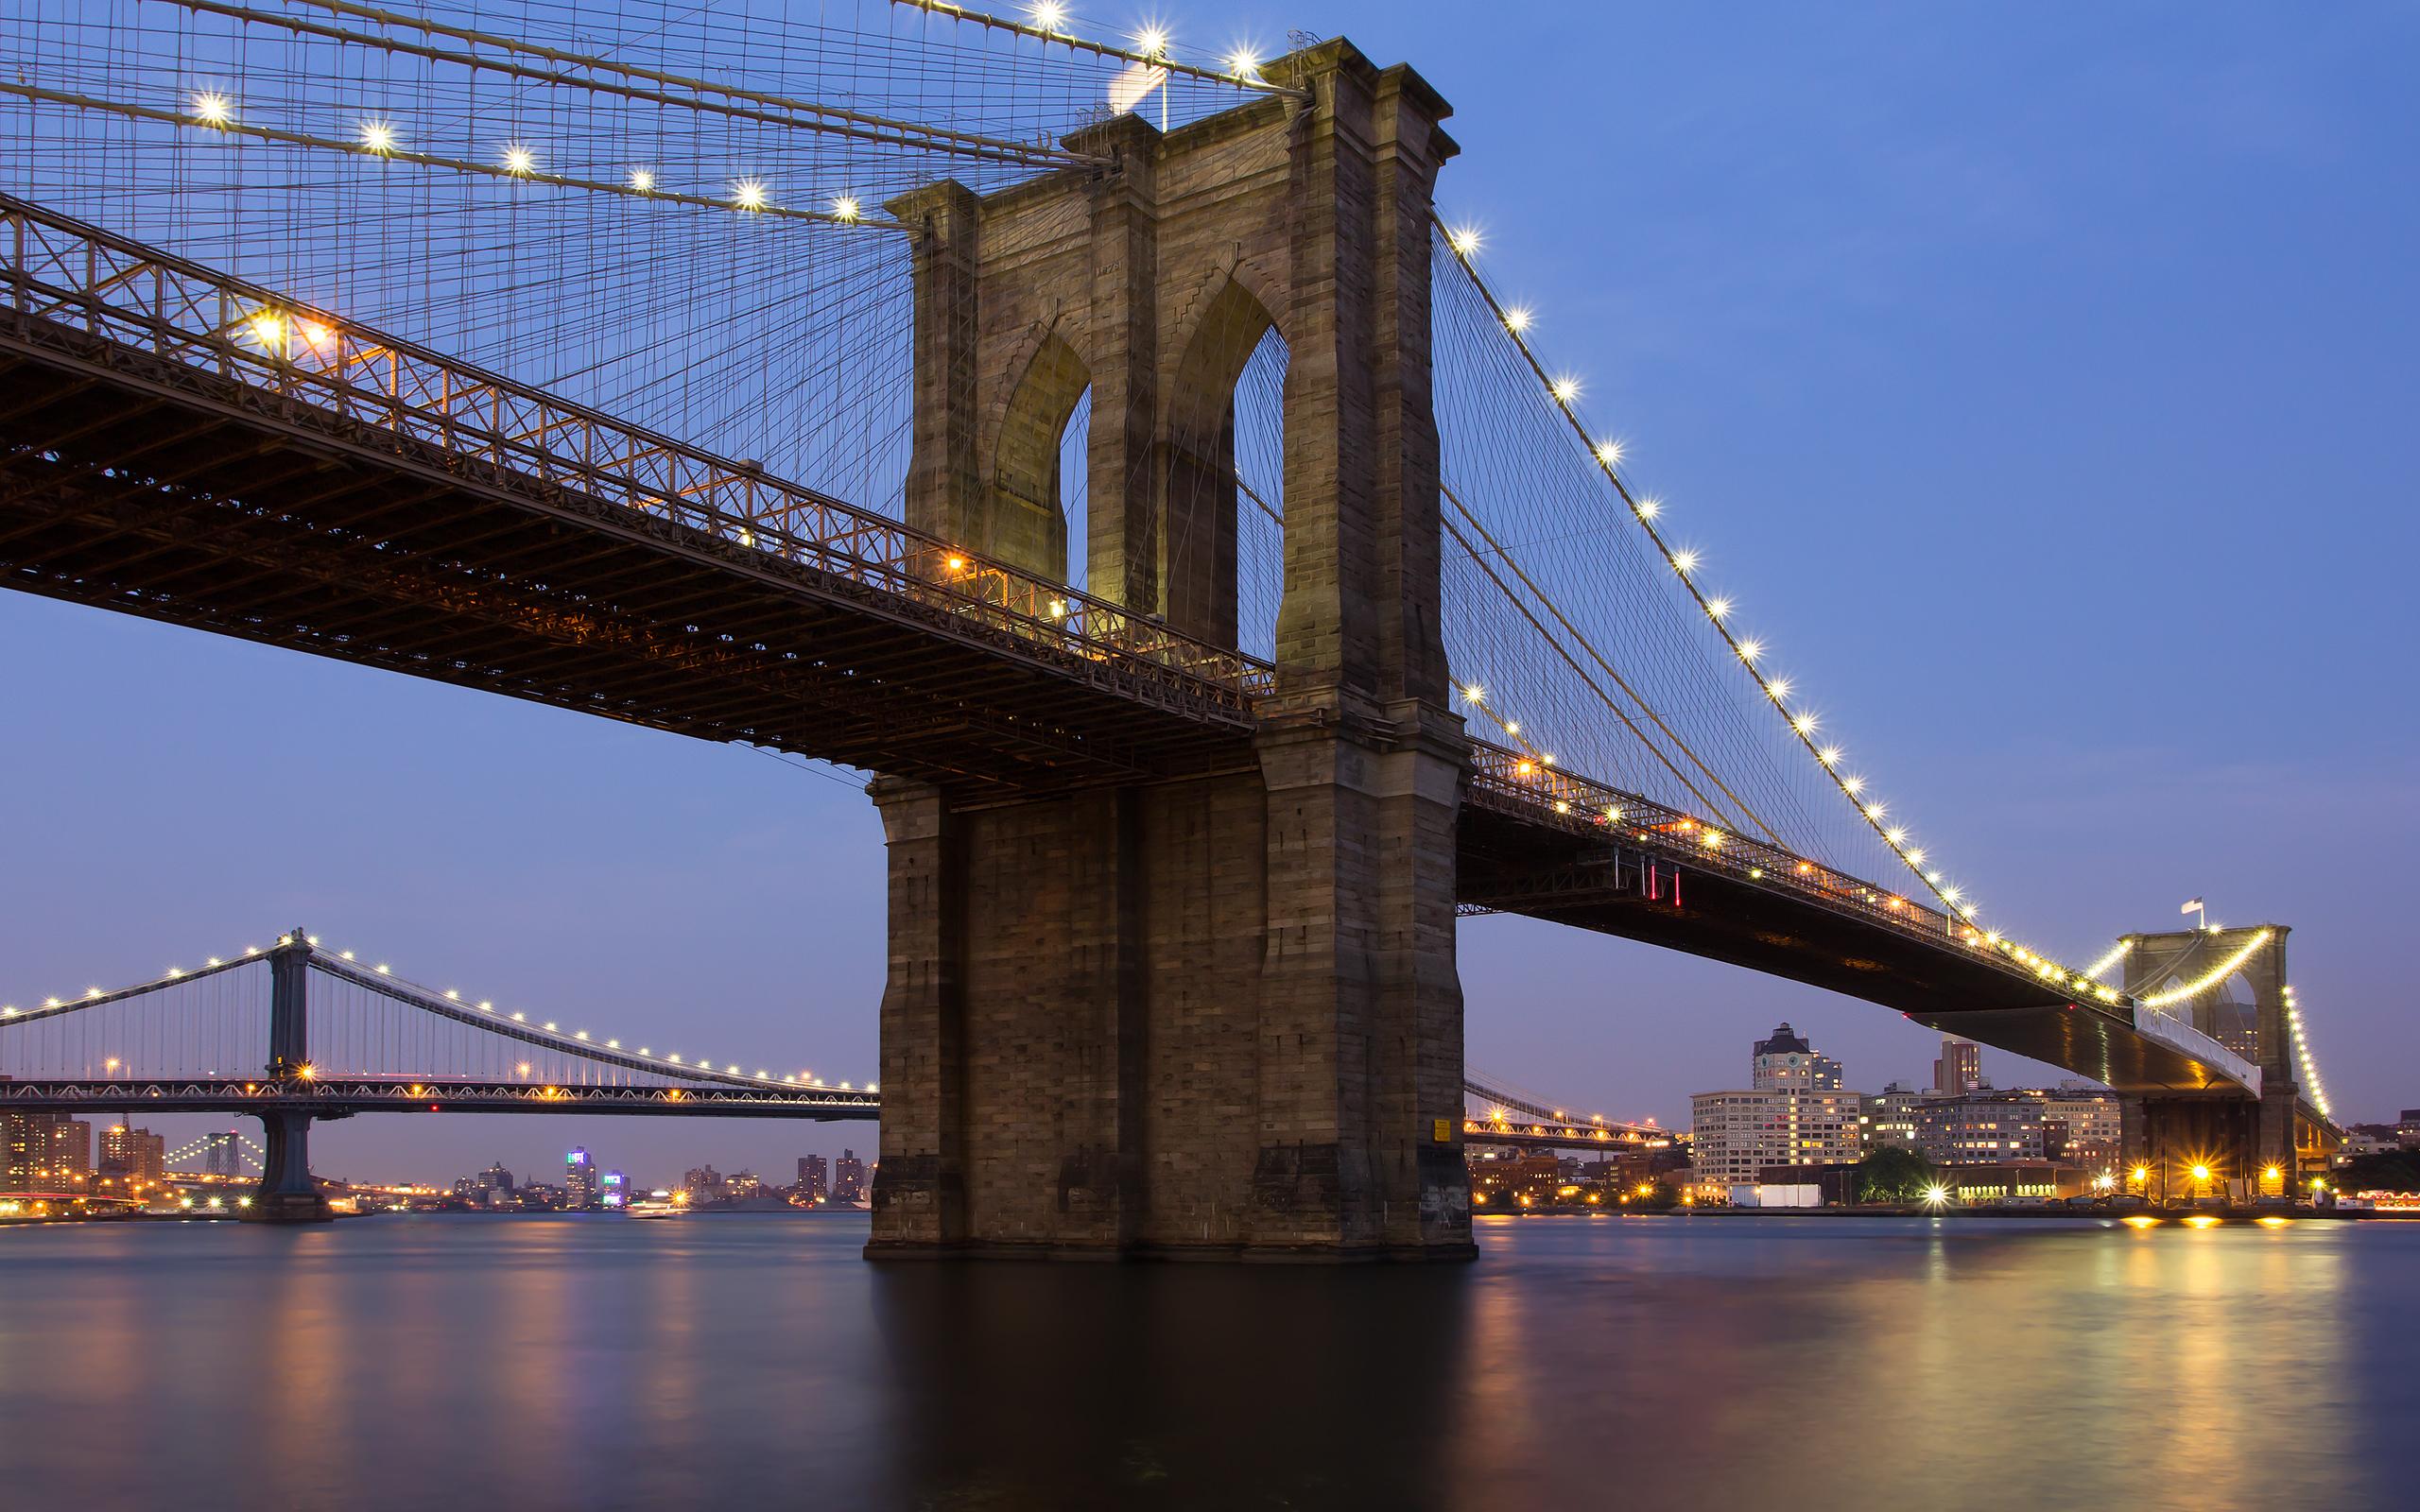 Город мост через реку  № 3713101 загрузить